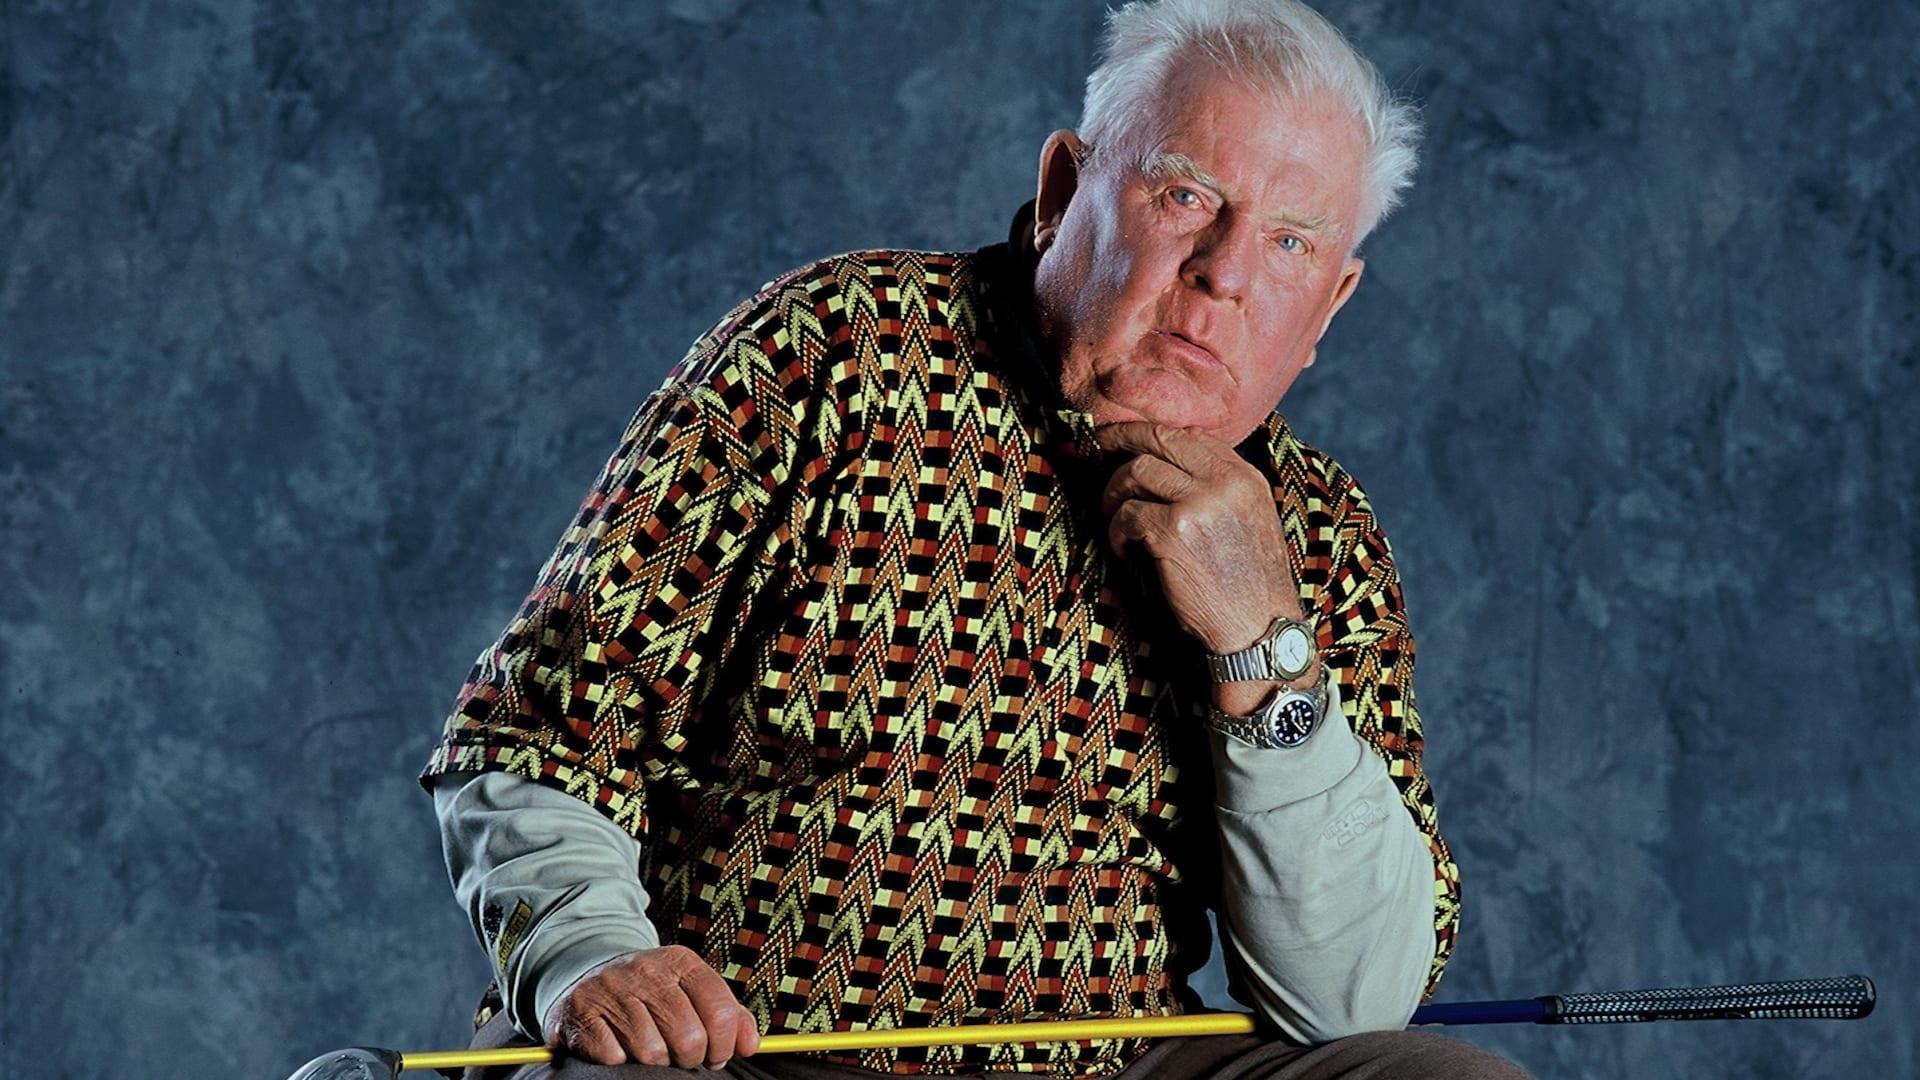 أذهل بعض أفضل لاعبي الغولف في العالم ولكن اسمه ليس معروفًا جيدًا.. من هو مو نورمان؟